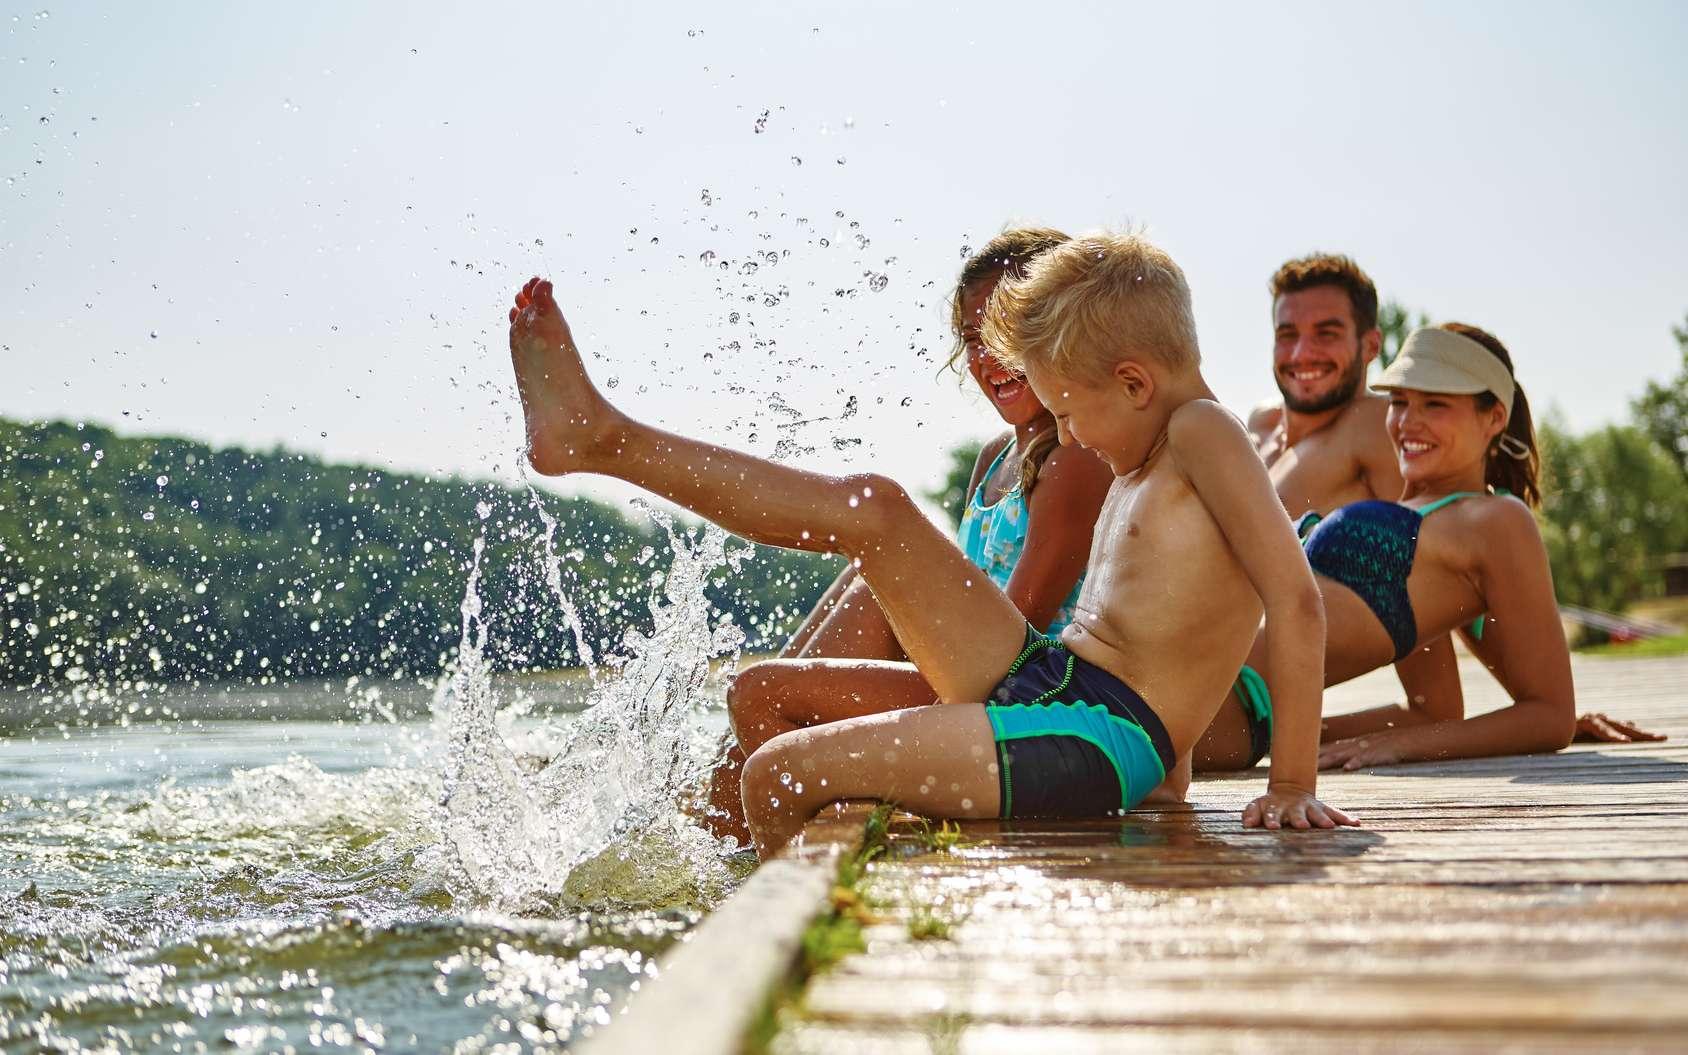 Une croyance populaire veut que se baigner après le repas soit dangereux. C'est faux, assurent les médecins. © Robert Kneschke, fotolia